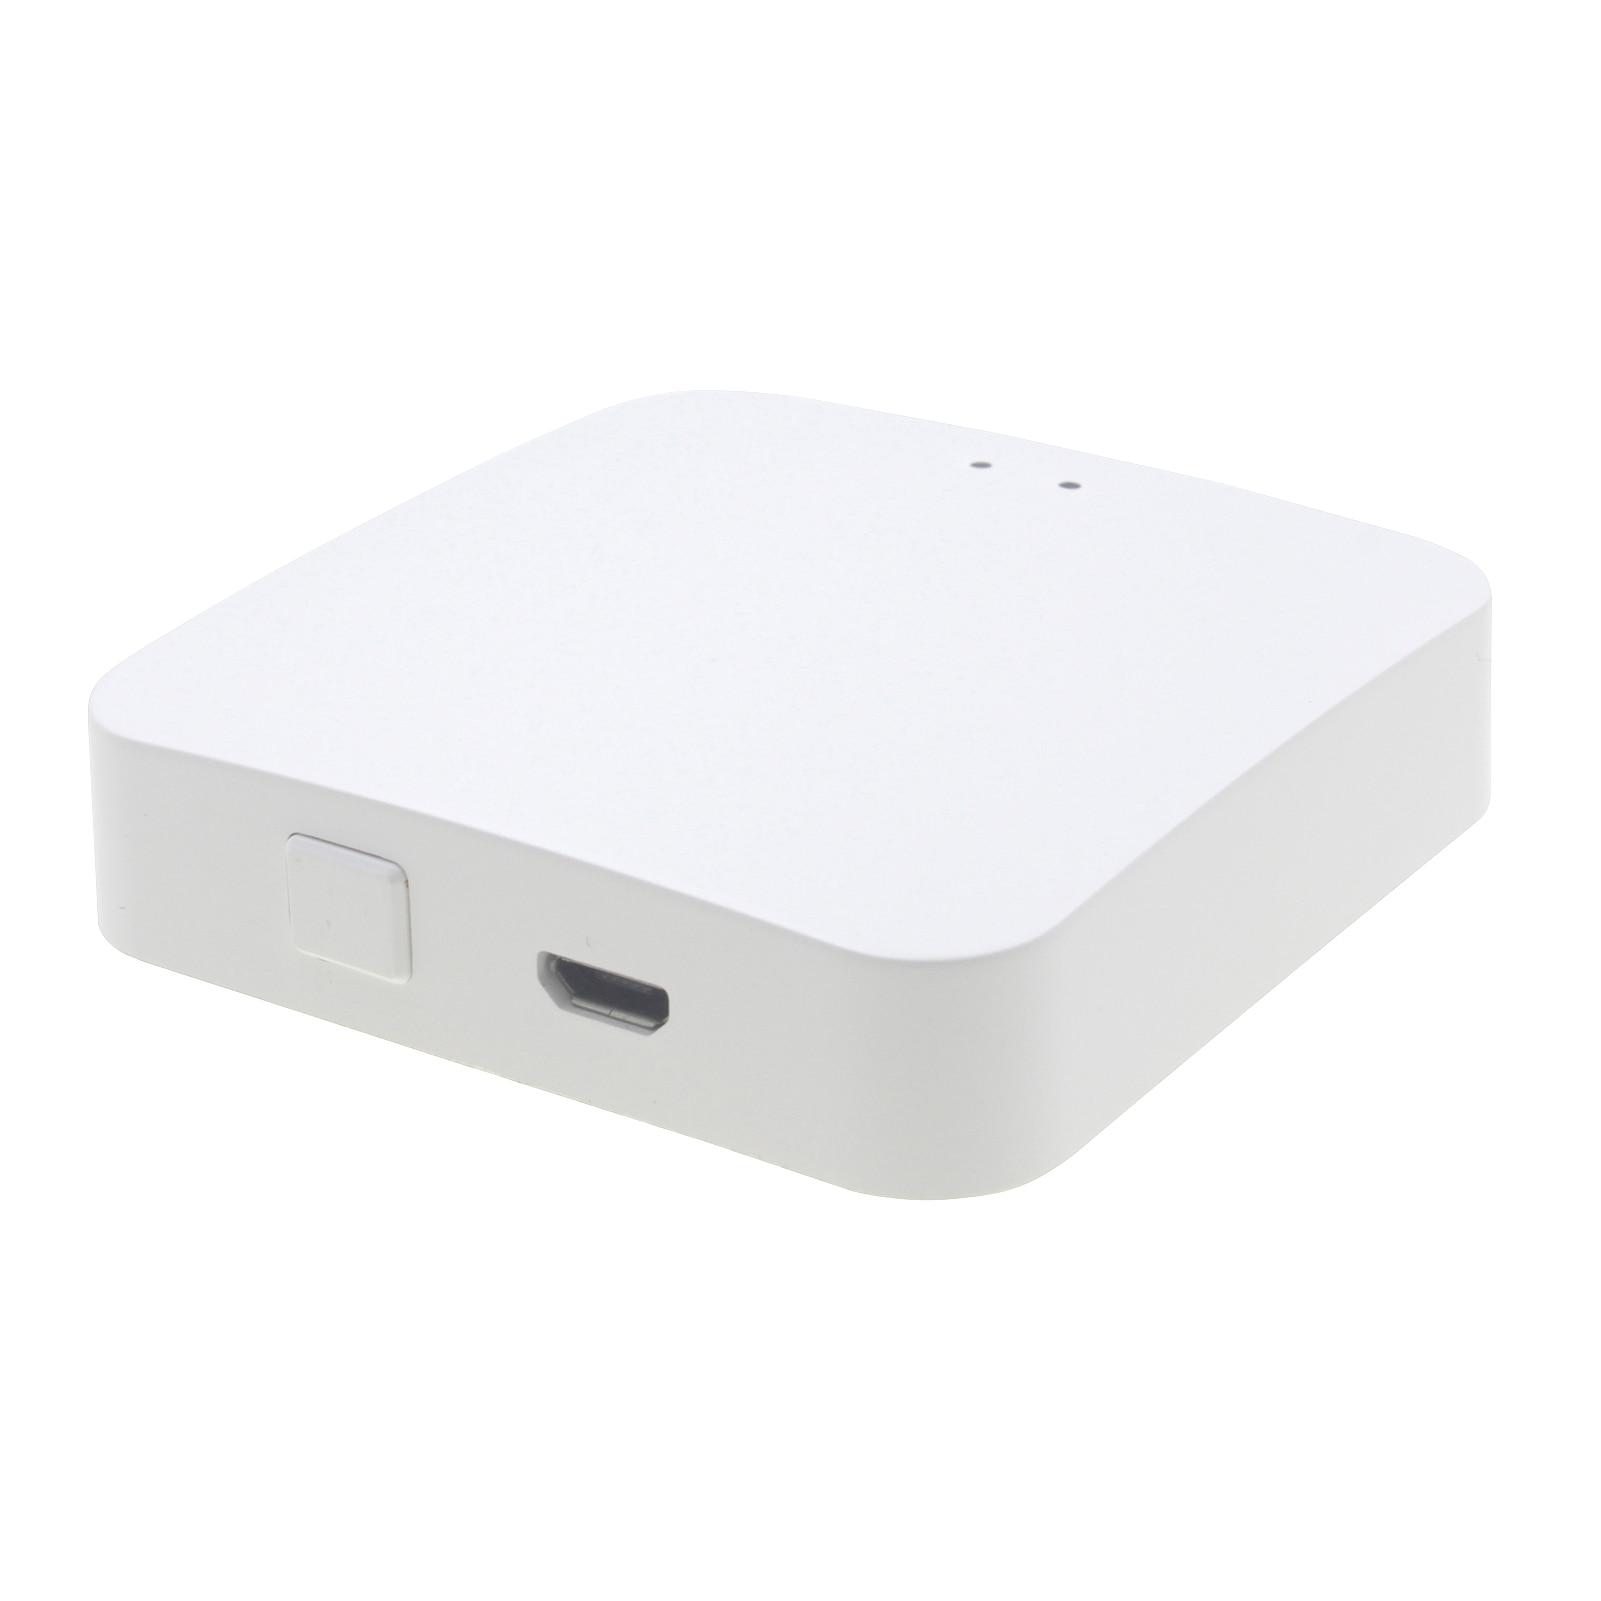 بوابة زيجبي/بوابة BT بوابة ذكية محور 3.0 المنزل الذكي اللاسلكي عن بعد/التحكم الصوتي متوافق مع أليكسا جوجل الرئيسية